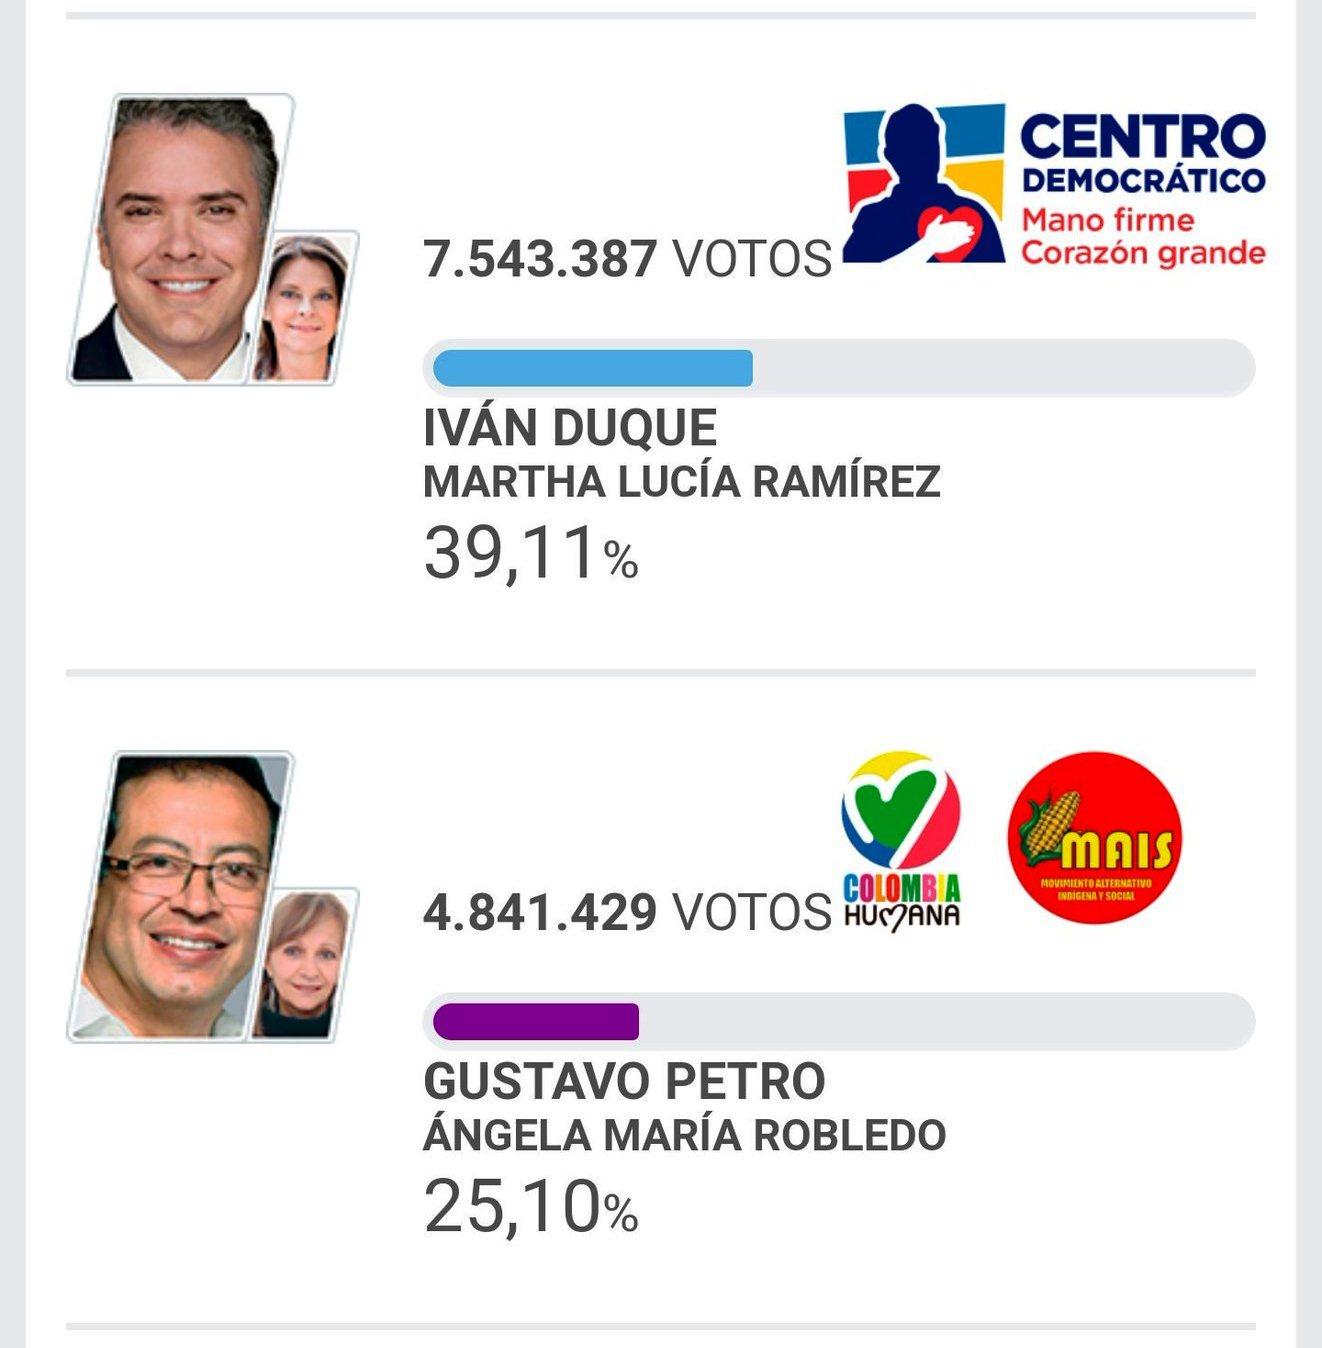 Resultado final de los comicios en Colombia / TWITTER